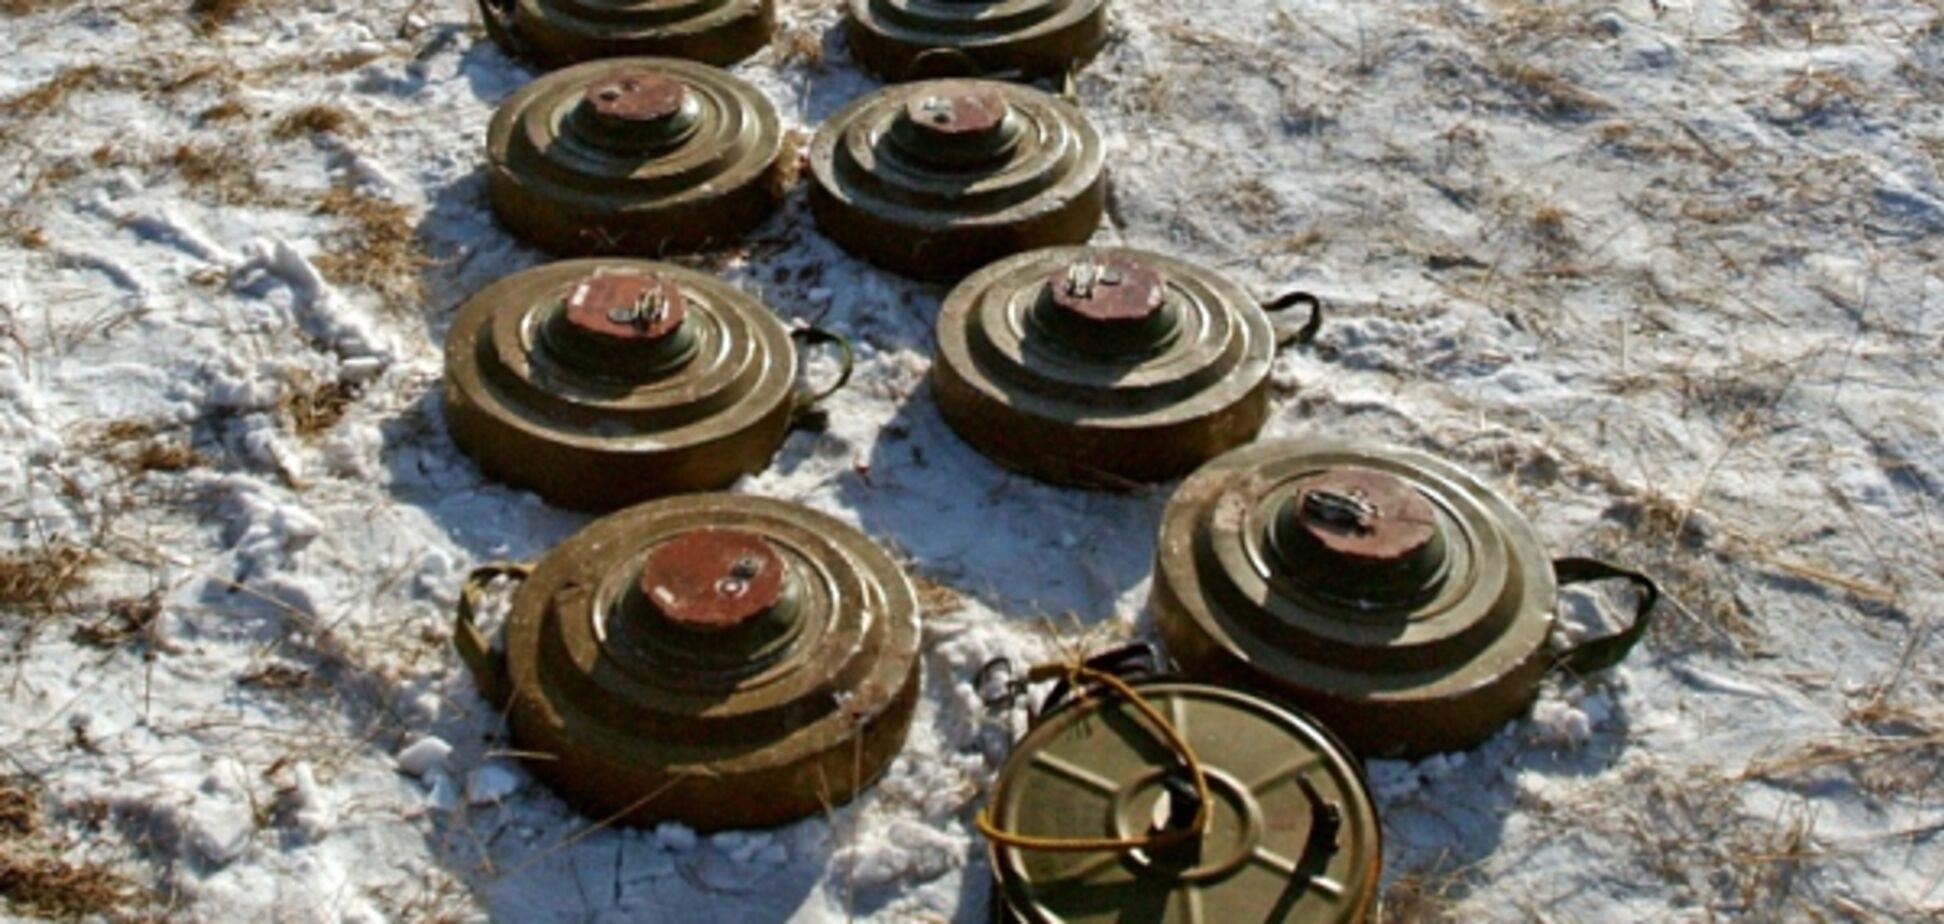 Населенные пункты на Донбассе взяли в минное кольцо